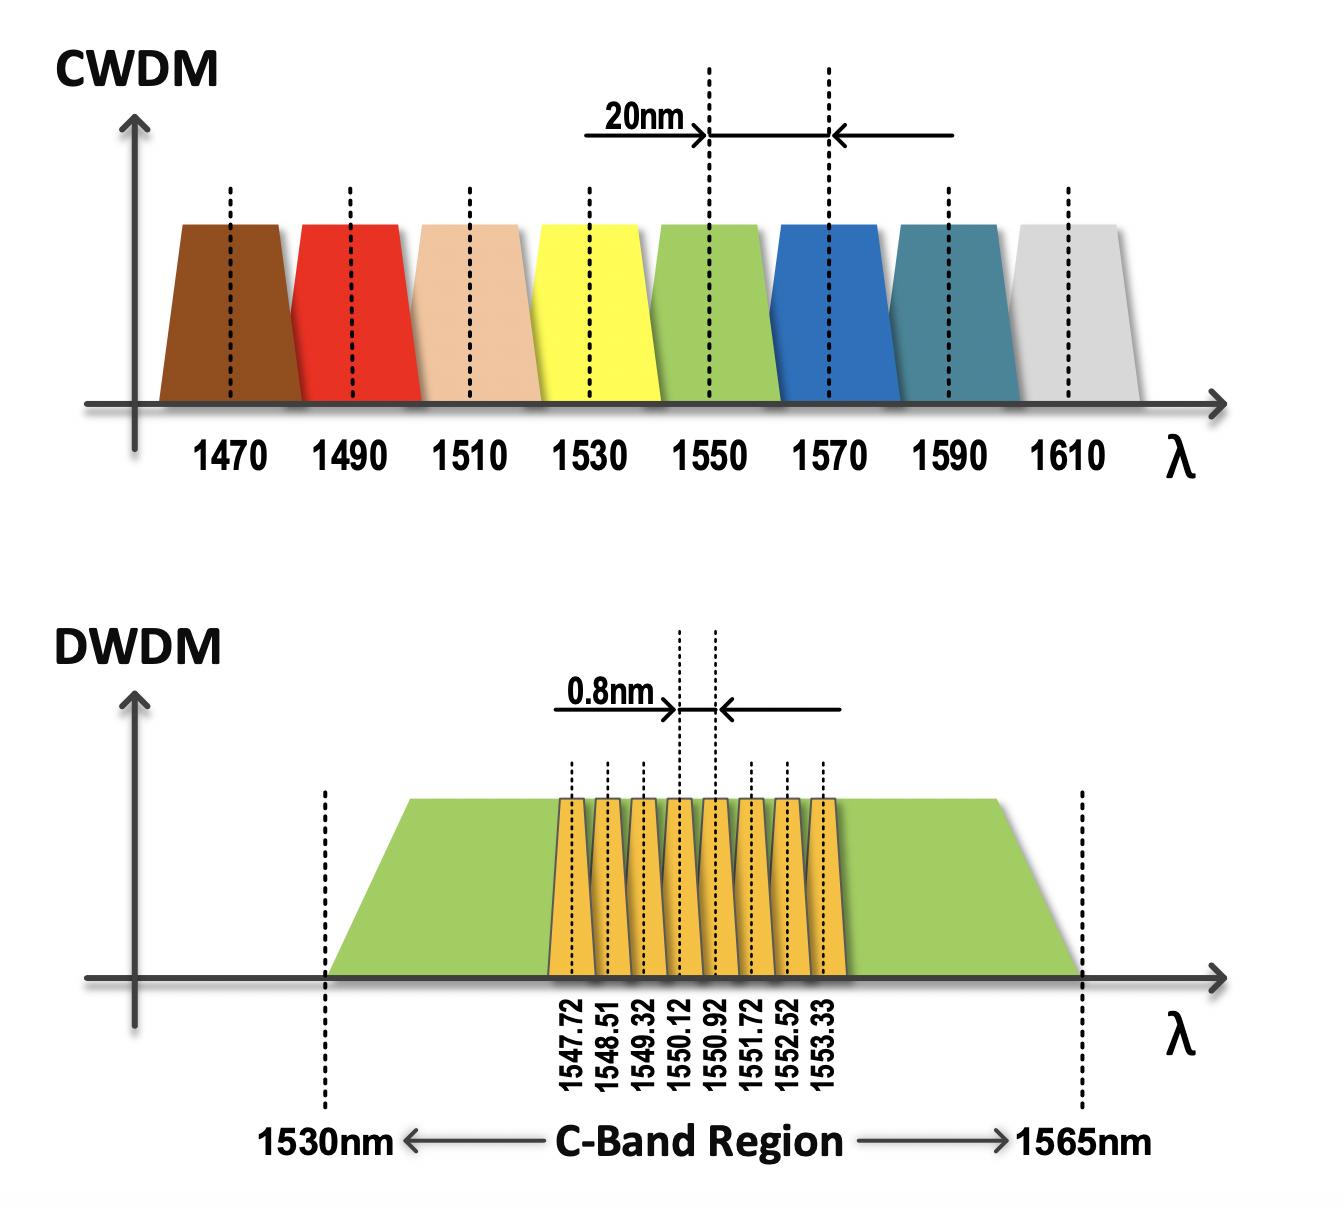 CWDM DWDM diagram